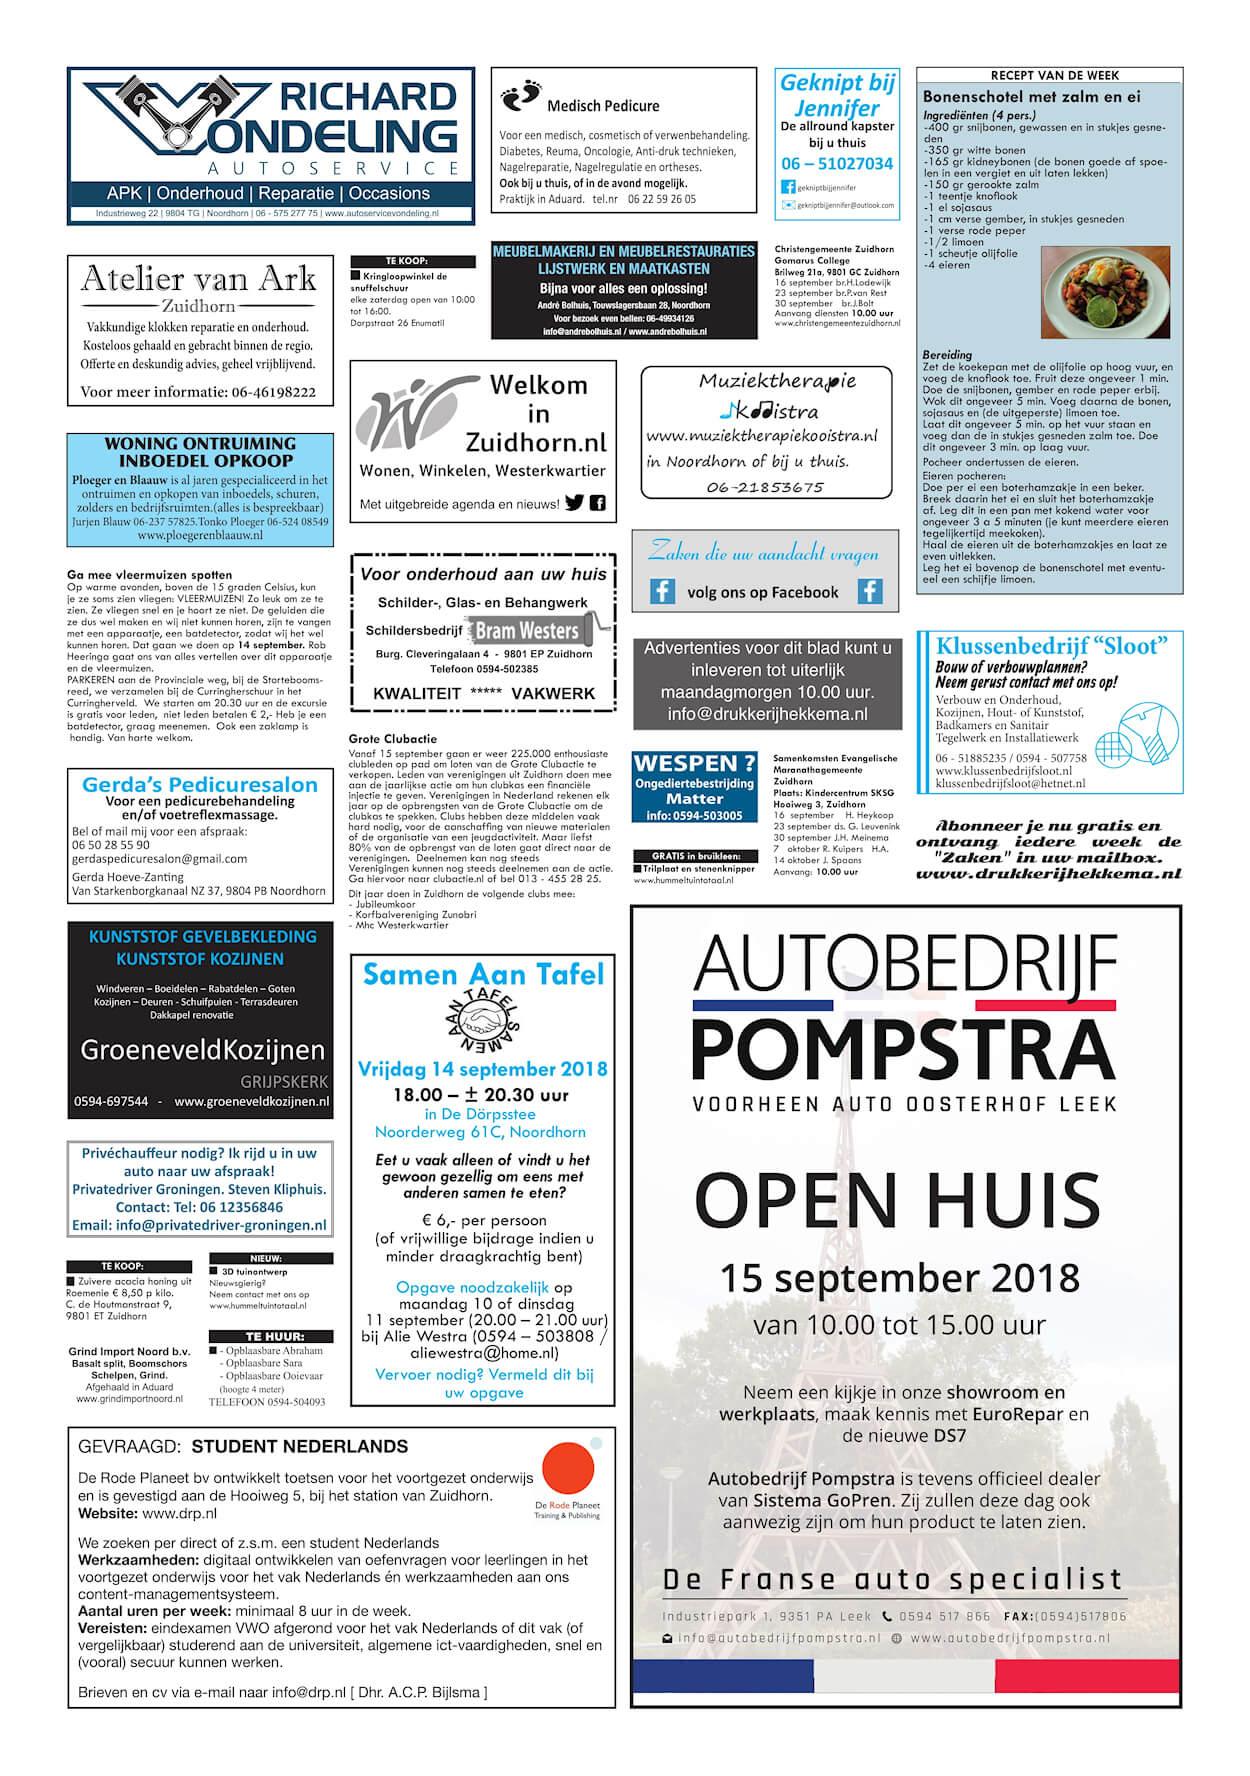 Drukkerij Hekkema - Zuidhorn - Zaken die uw aandacht vragen - 2018 week 37 (4)